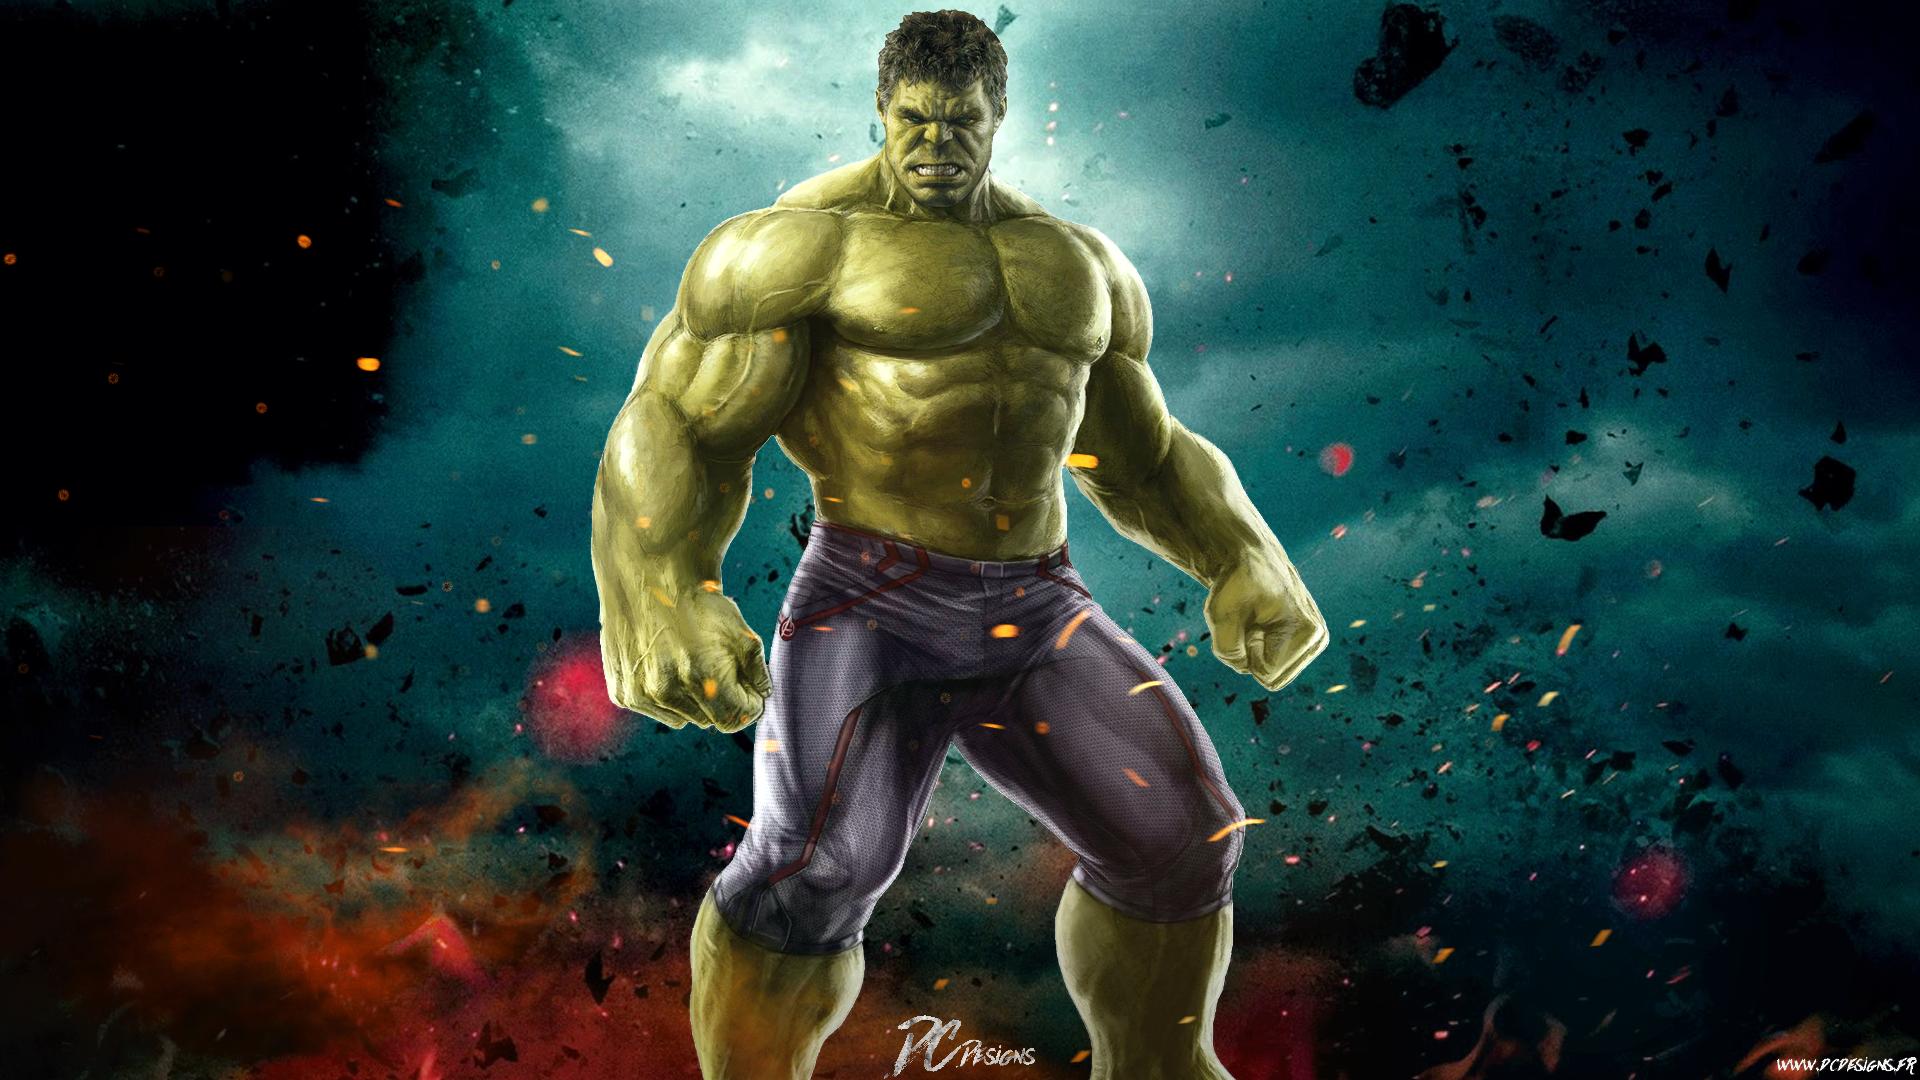 Hd Hulk Images 1920x1080 387489 KB 1920x1080